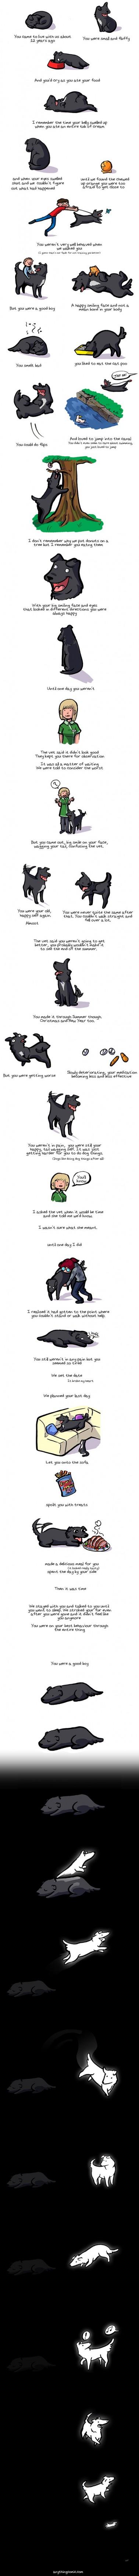 a good dog.jpg